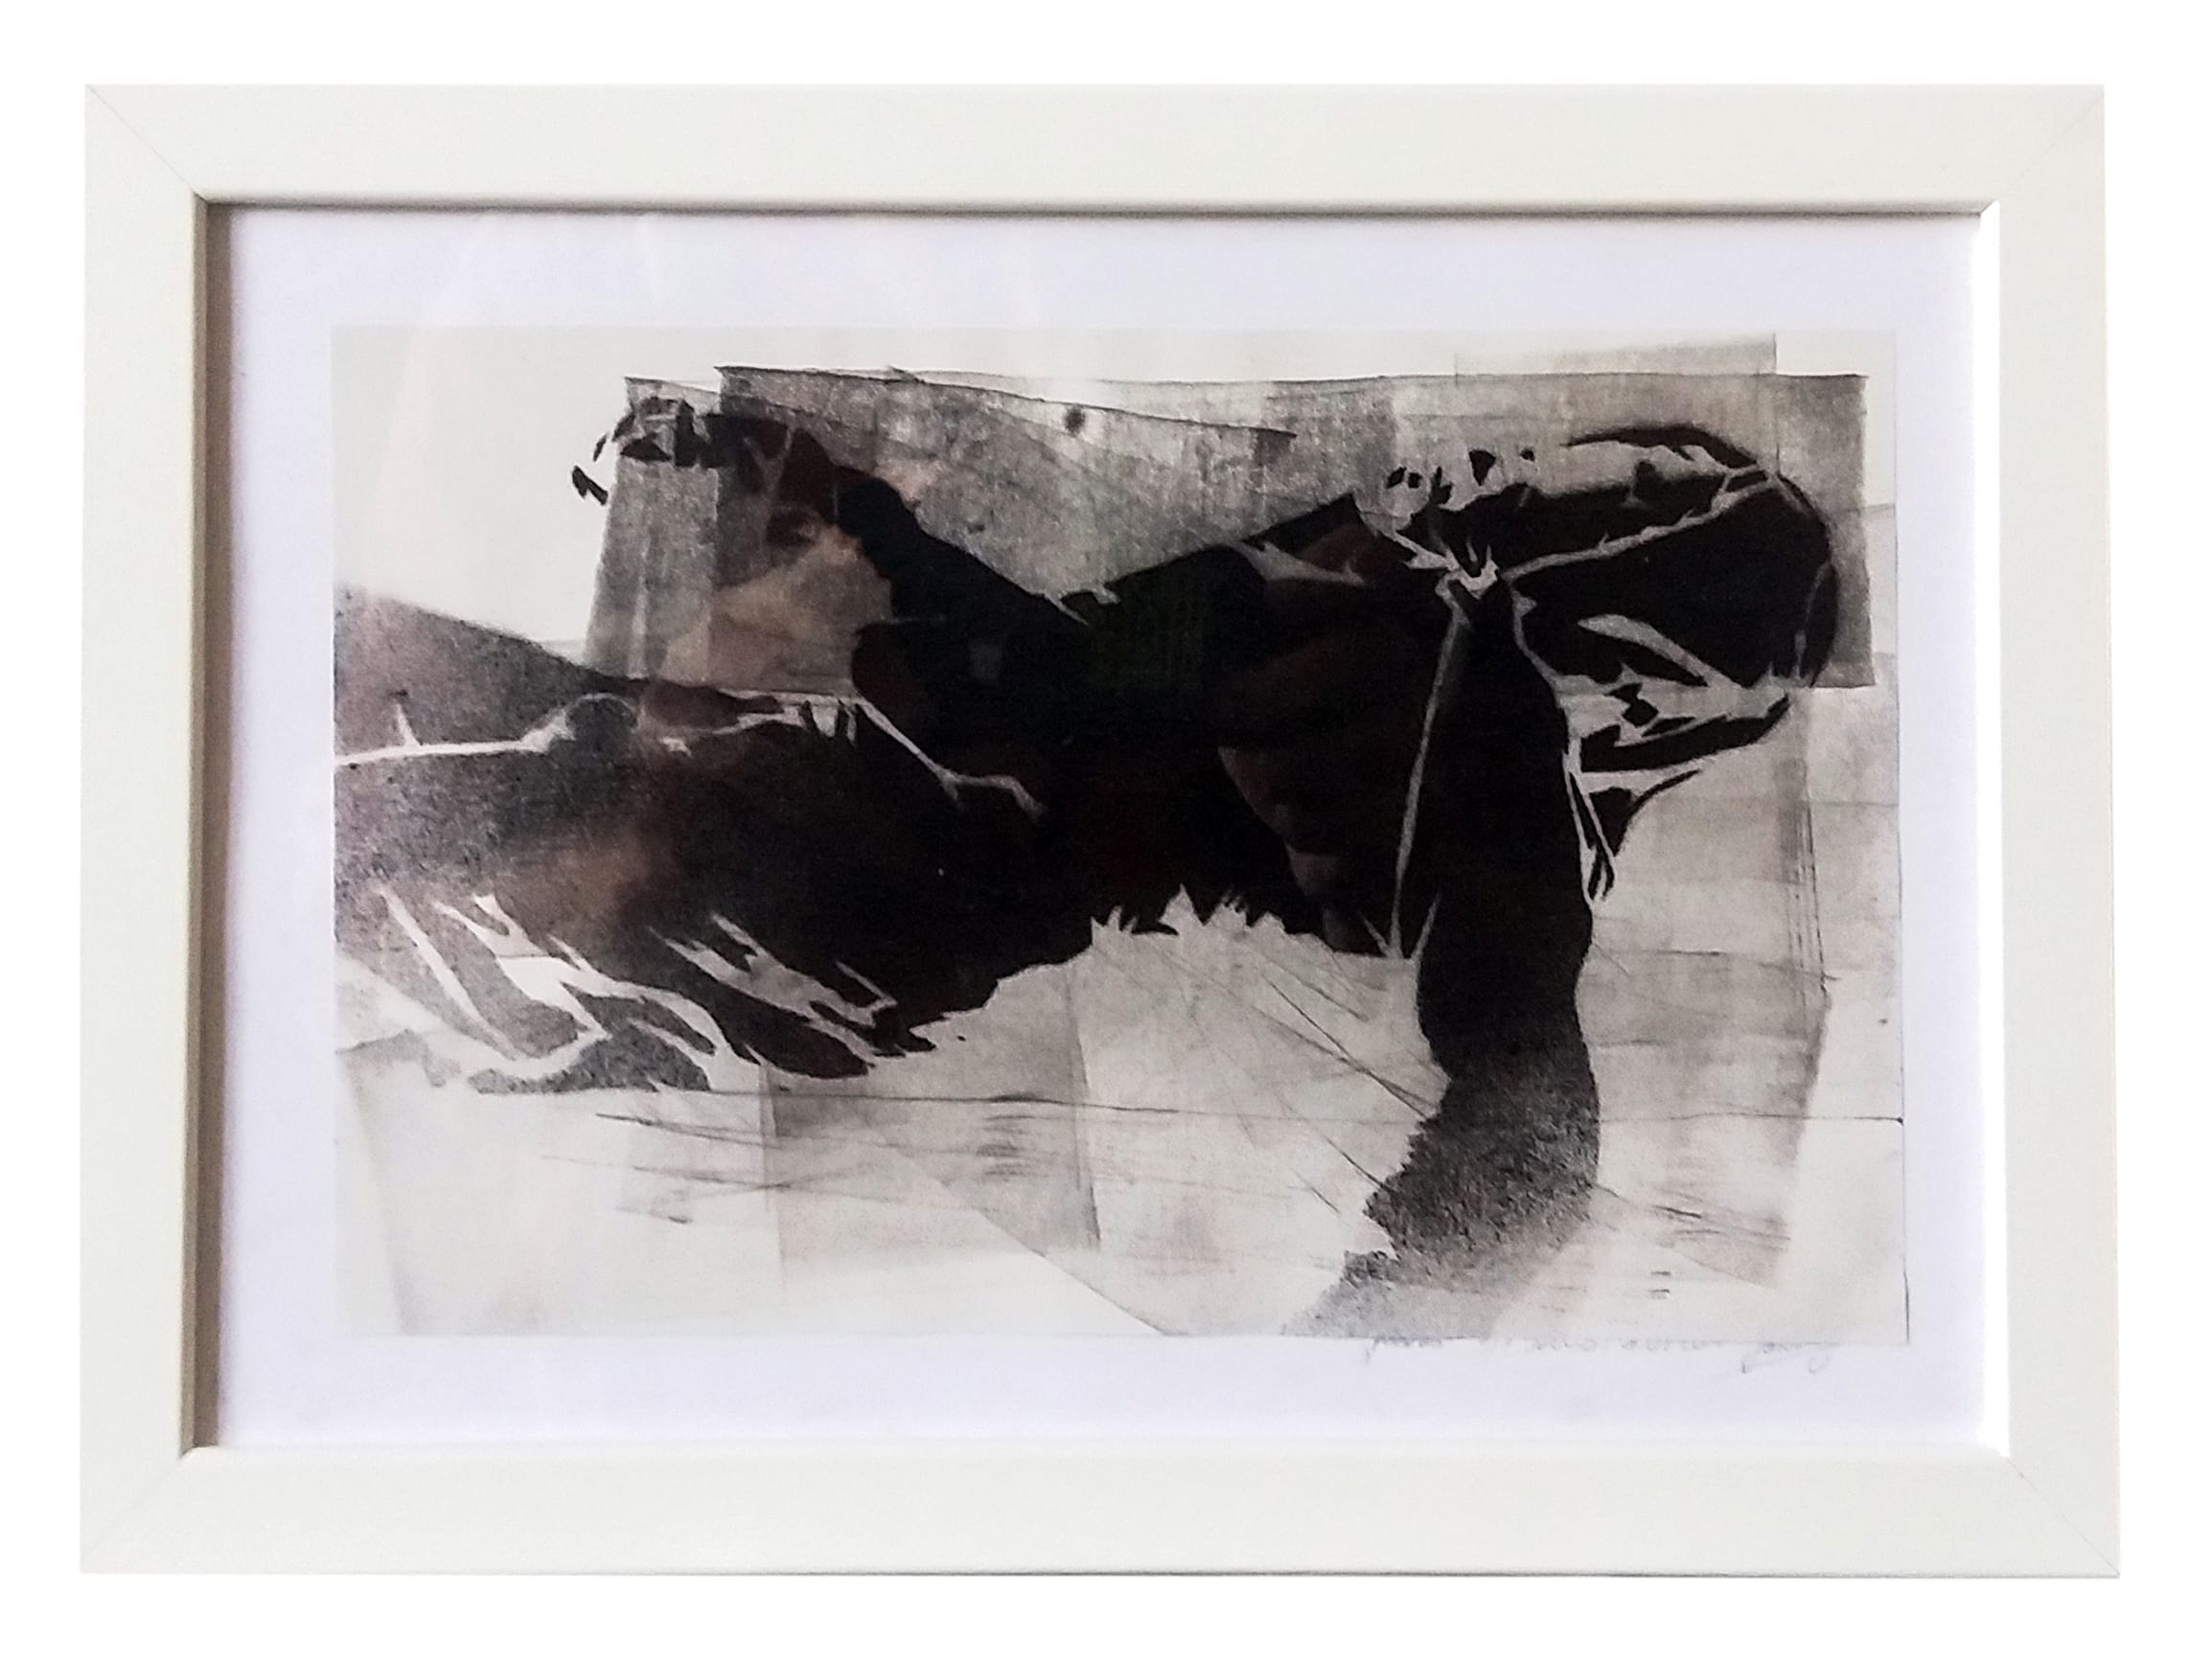 John Dot S regeneration-framed-24x33cm-ink on paper